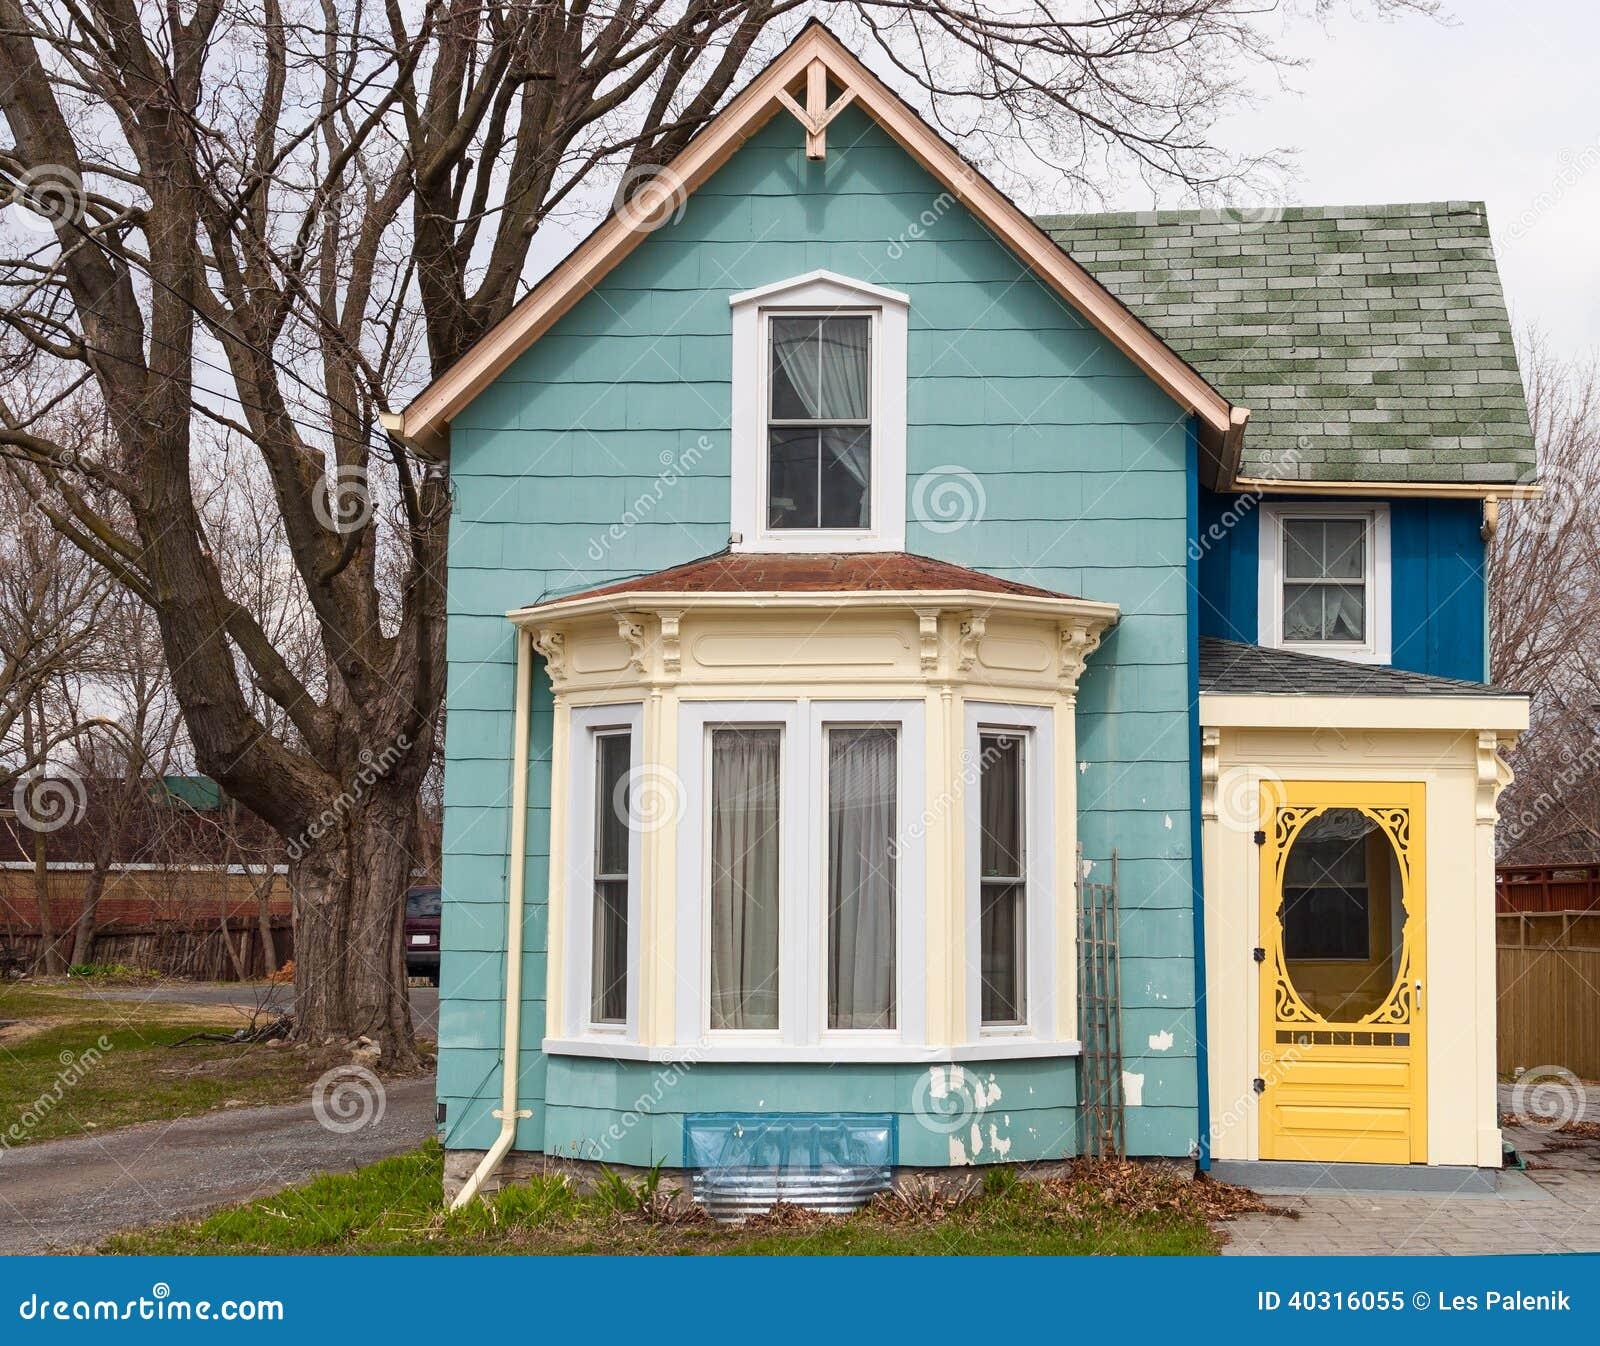 Casa azul com janela de ba a foto de stock imagem 40316055 for Maison avec bow window